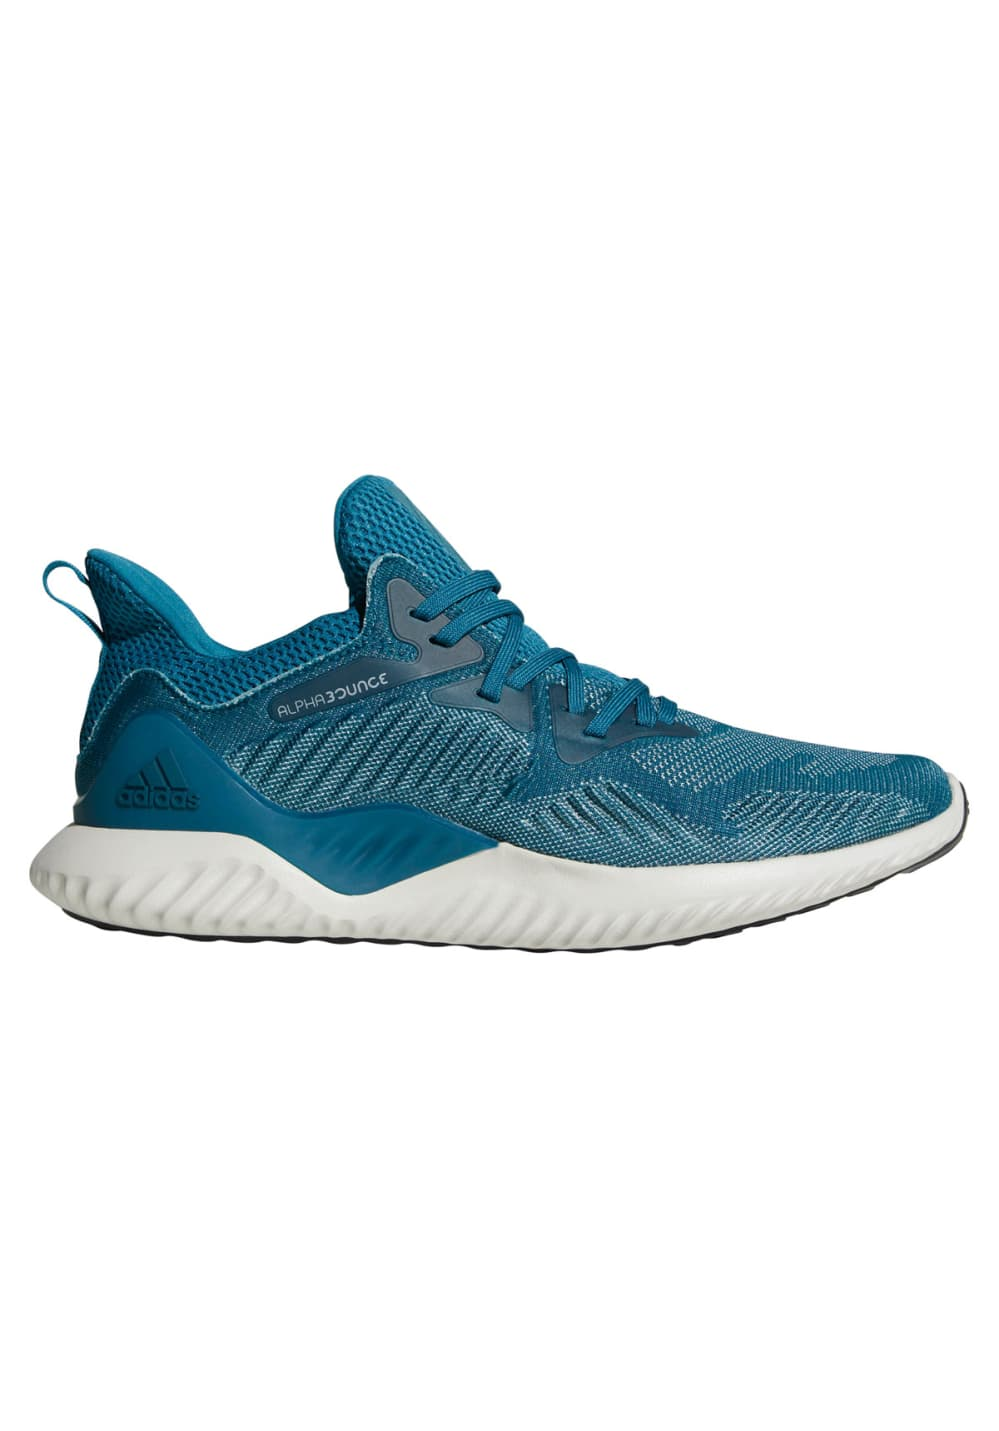 newest collection 50a79 ac695 ... adidas Alphabounce Beyond - Zapatillas de running para Hombre - Azul.  Volver. 1 2. Previous